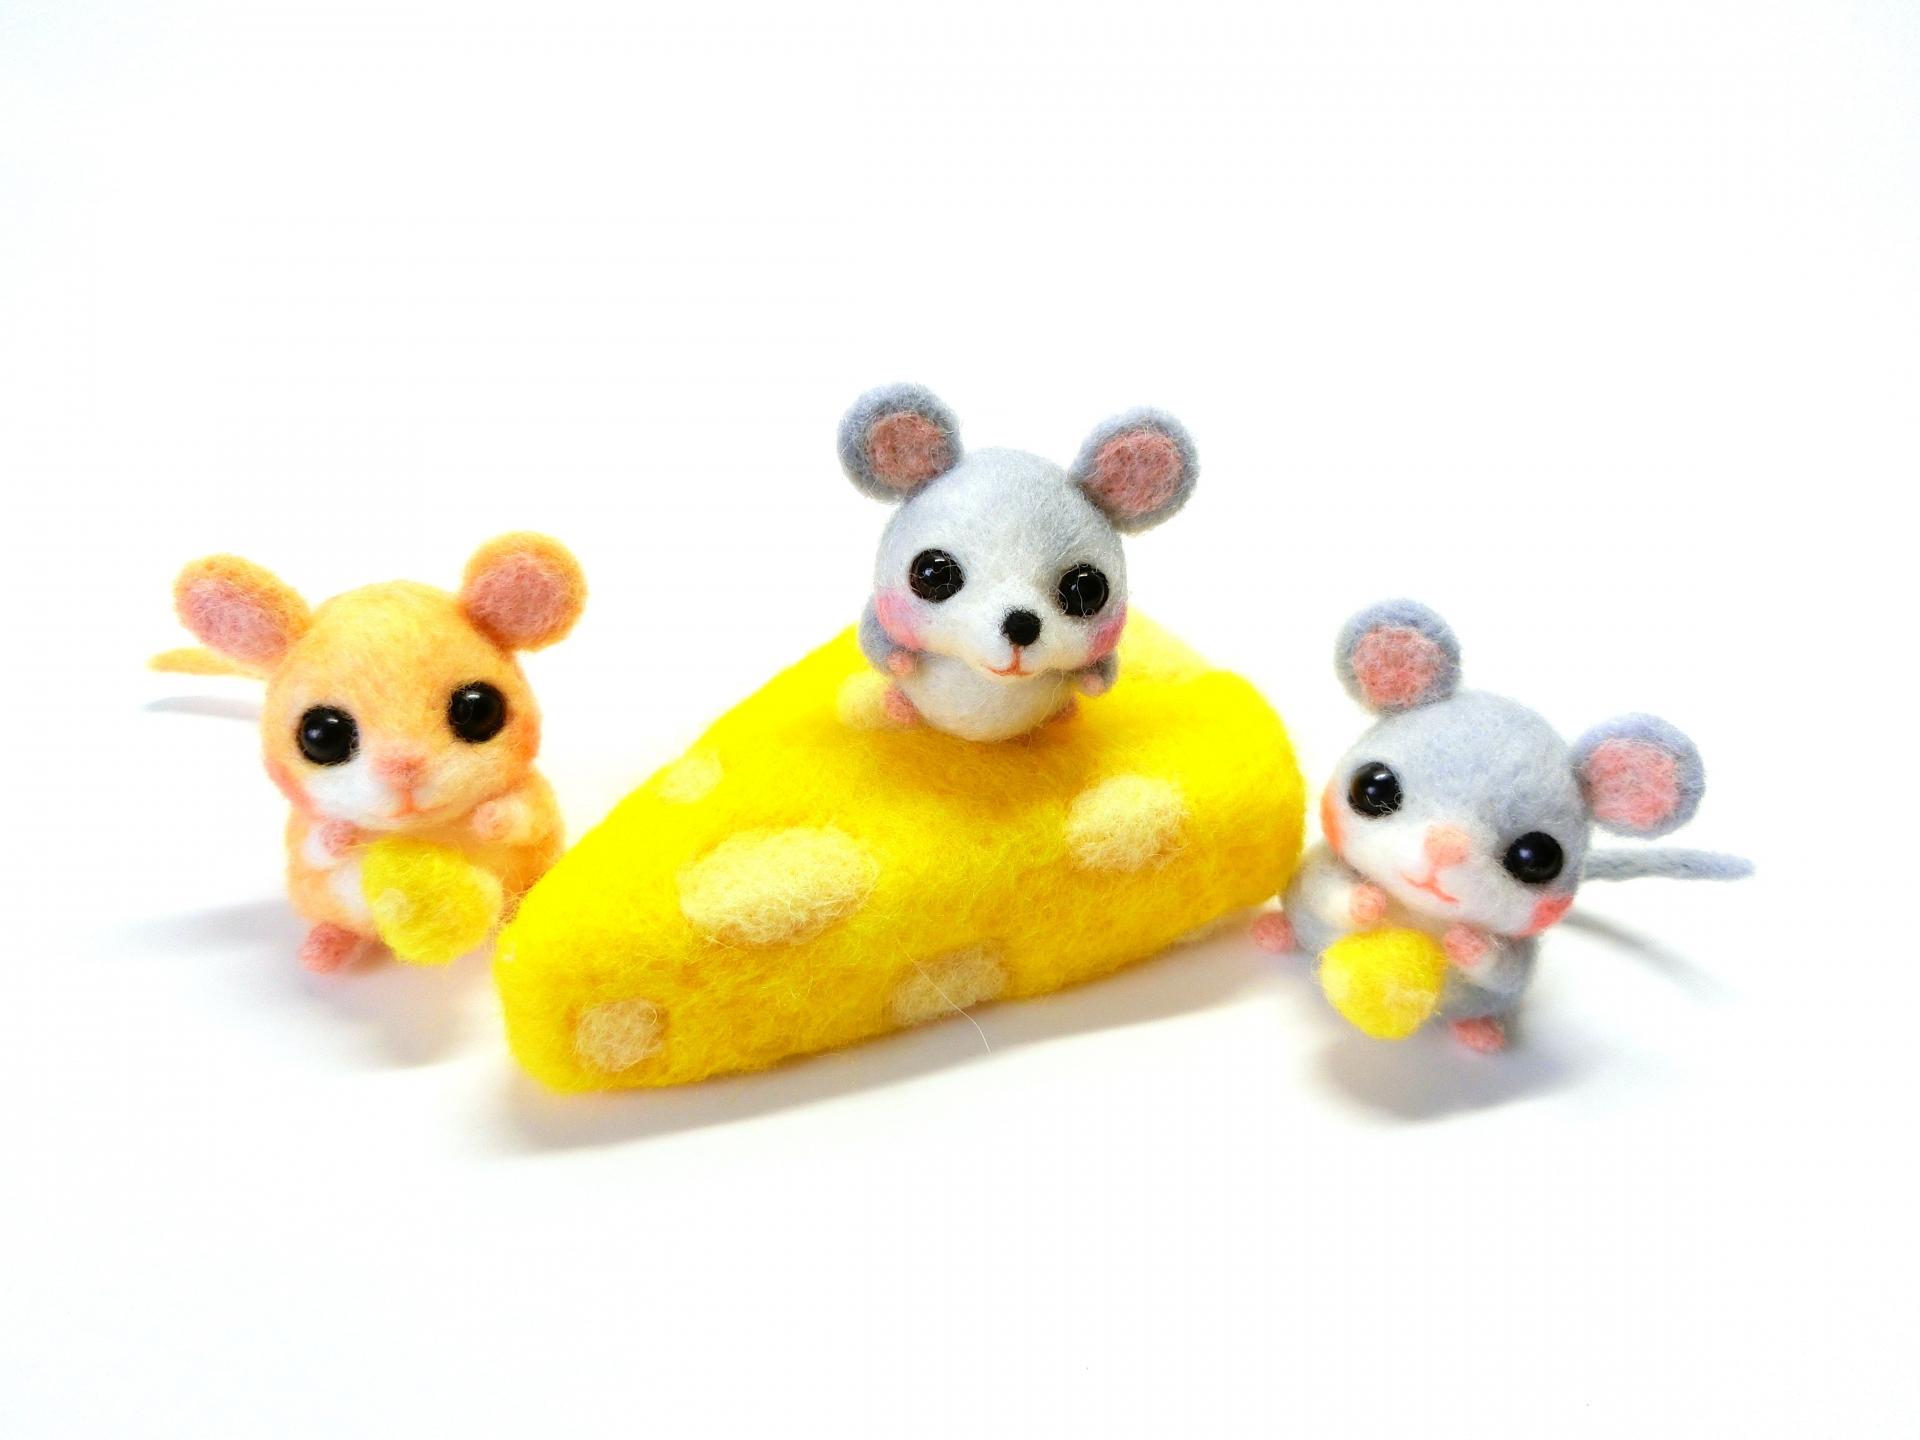 ネズミが好きなエサは何か